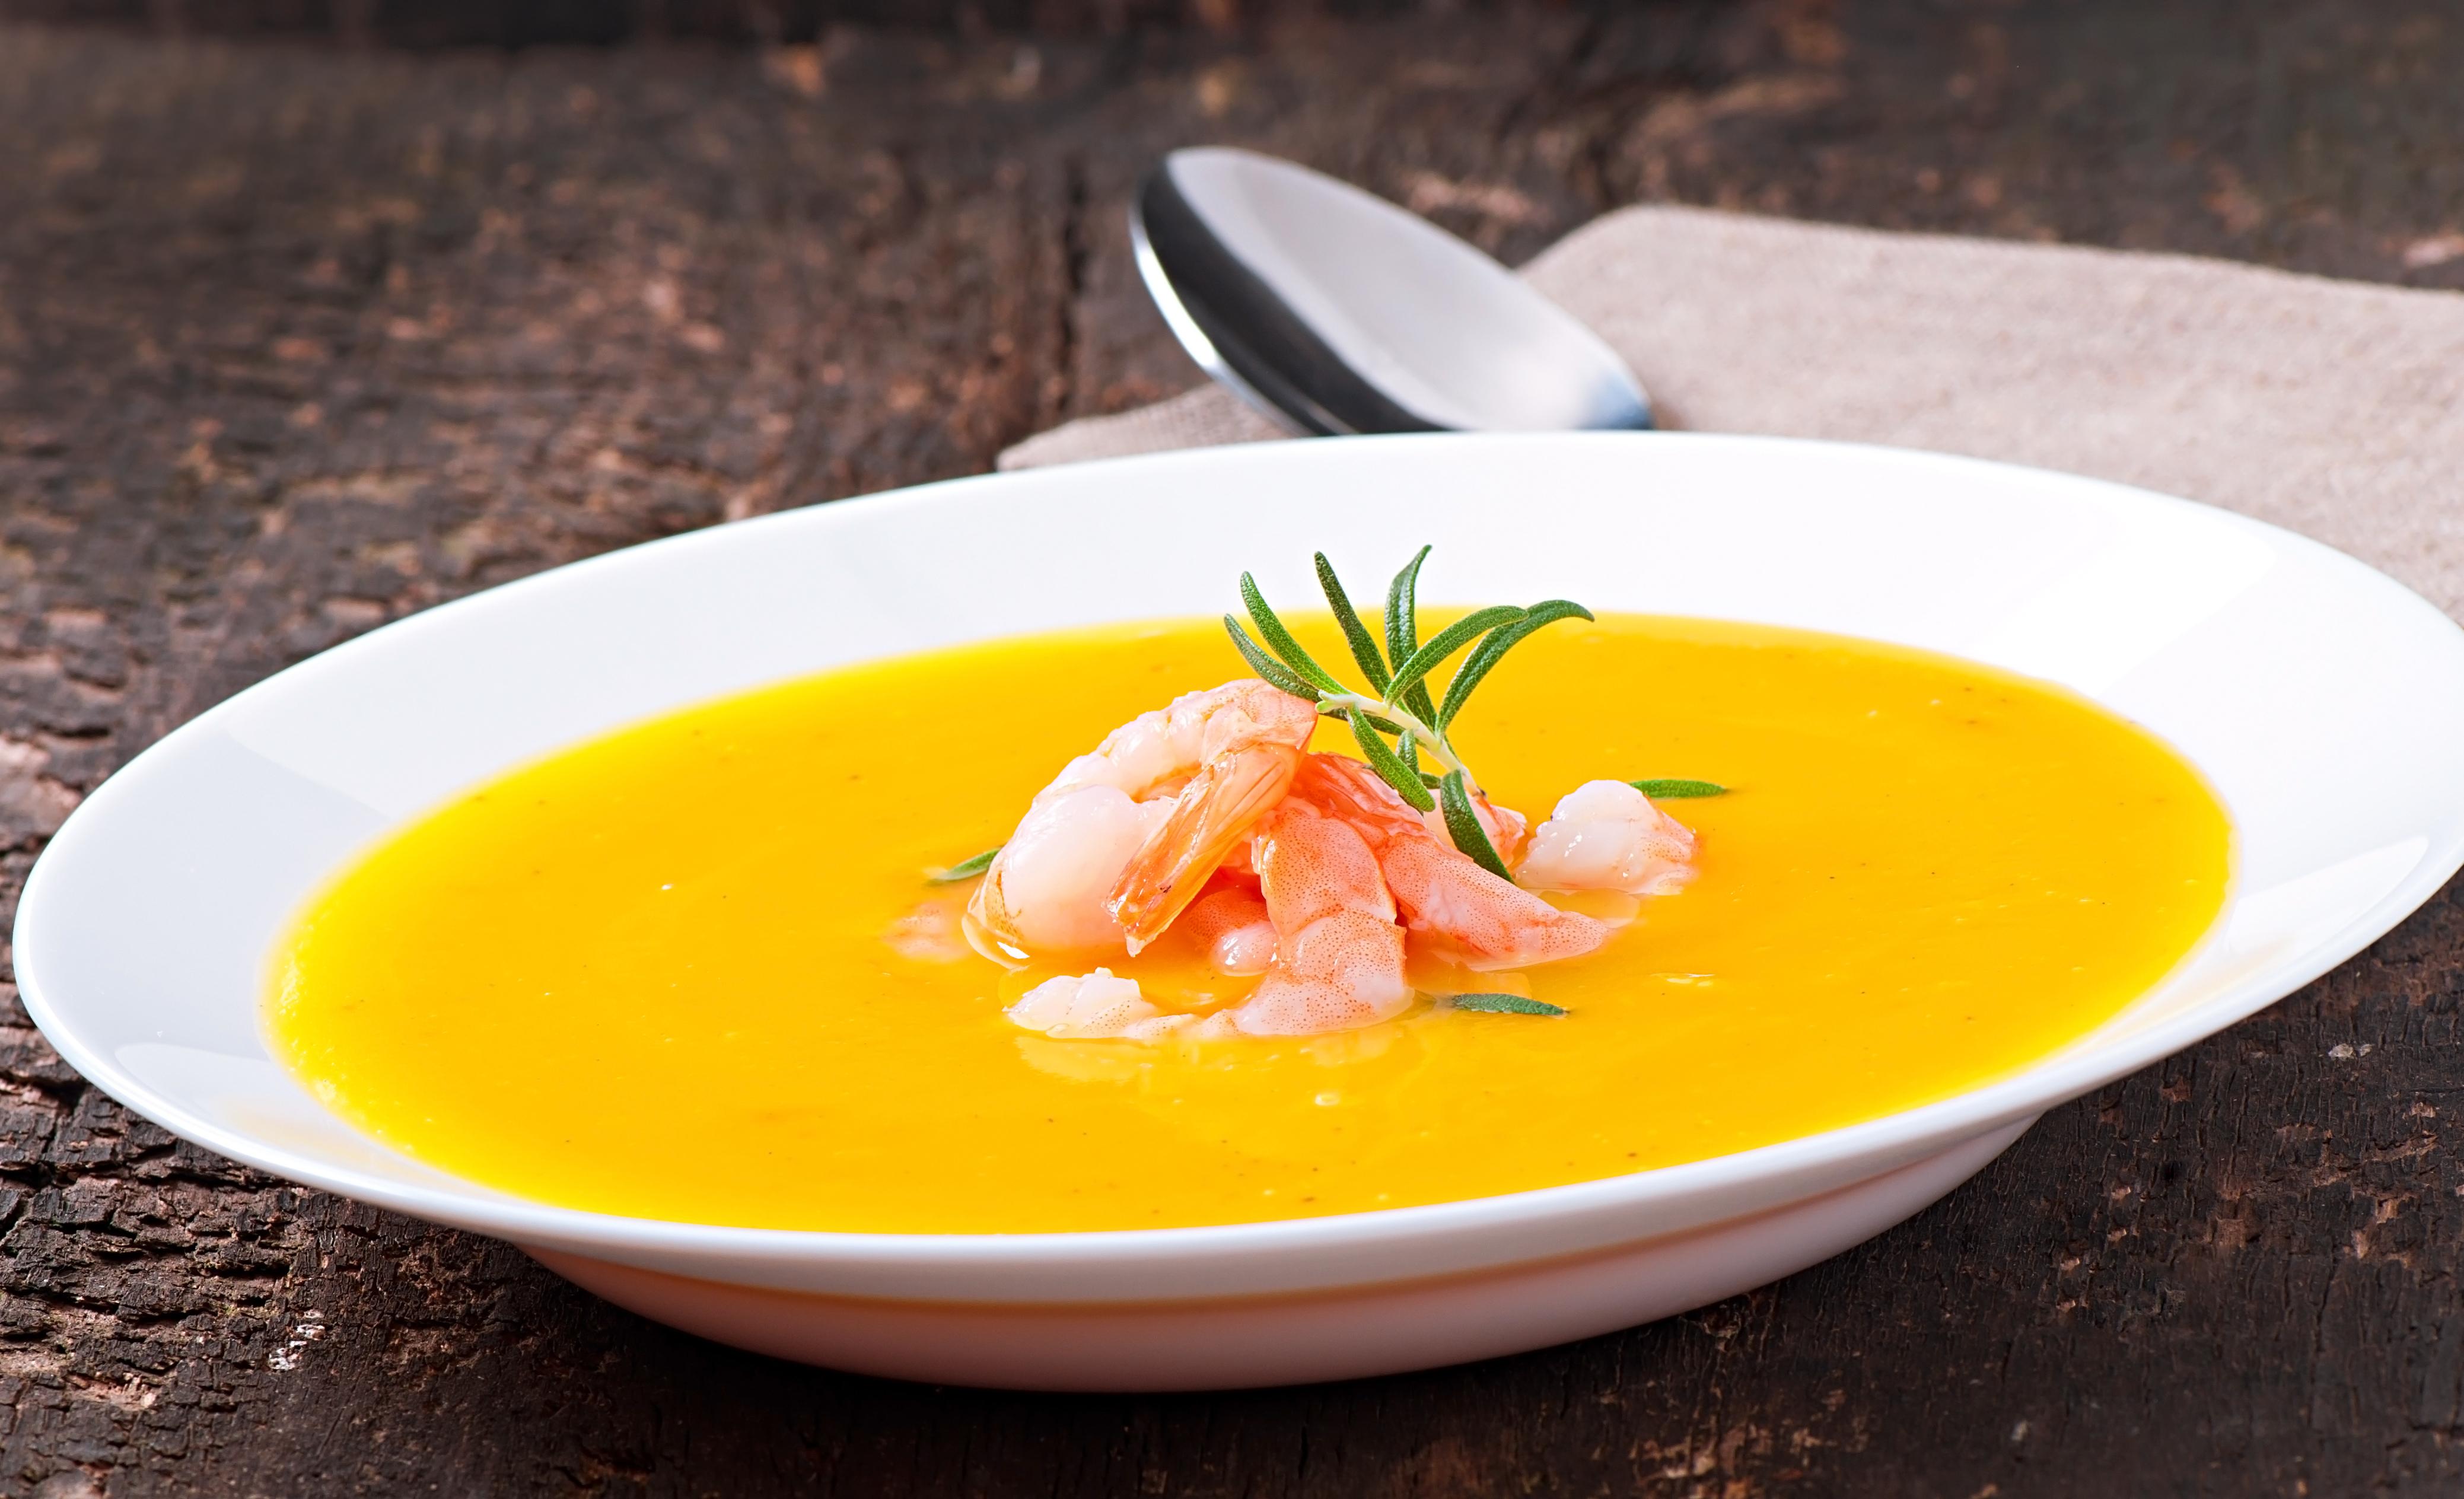 shutterstock_170315012 veckans recept DOKTORN räksoppa för IBS-magar IBS-mat gluten och laktosfri soppa med räkor.jpg